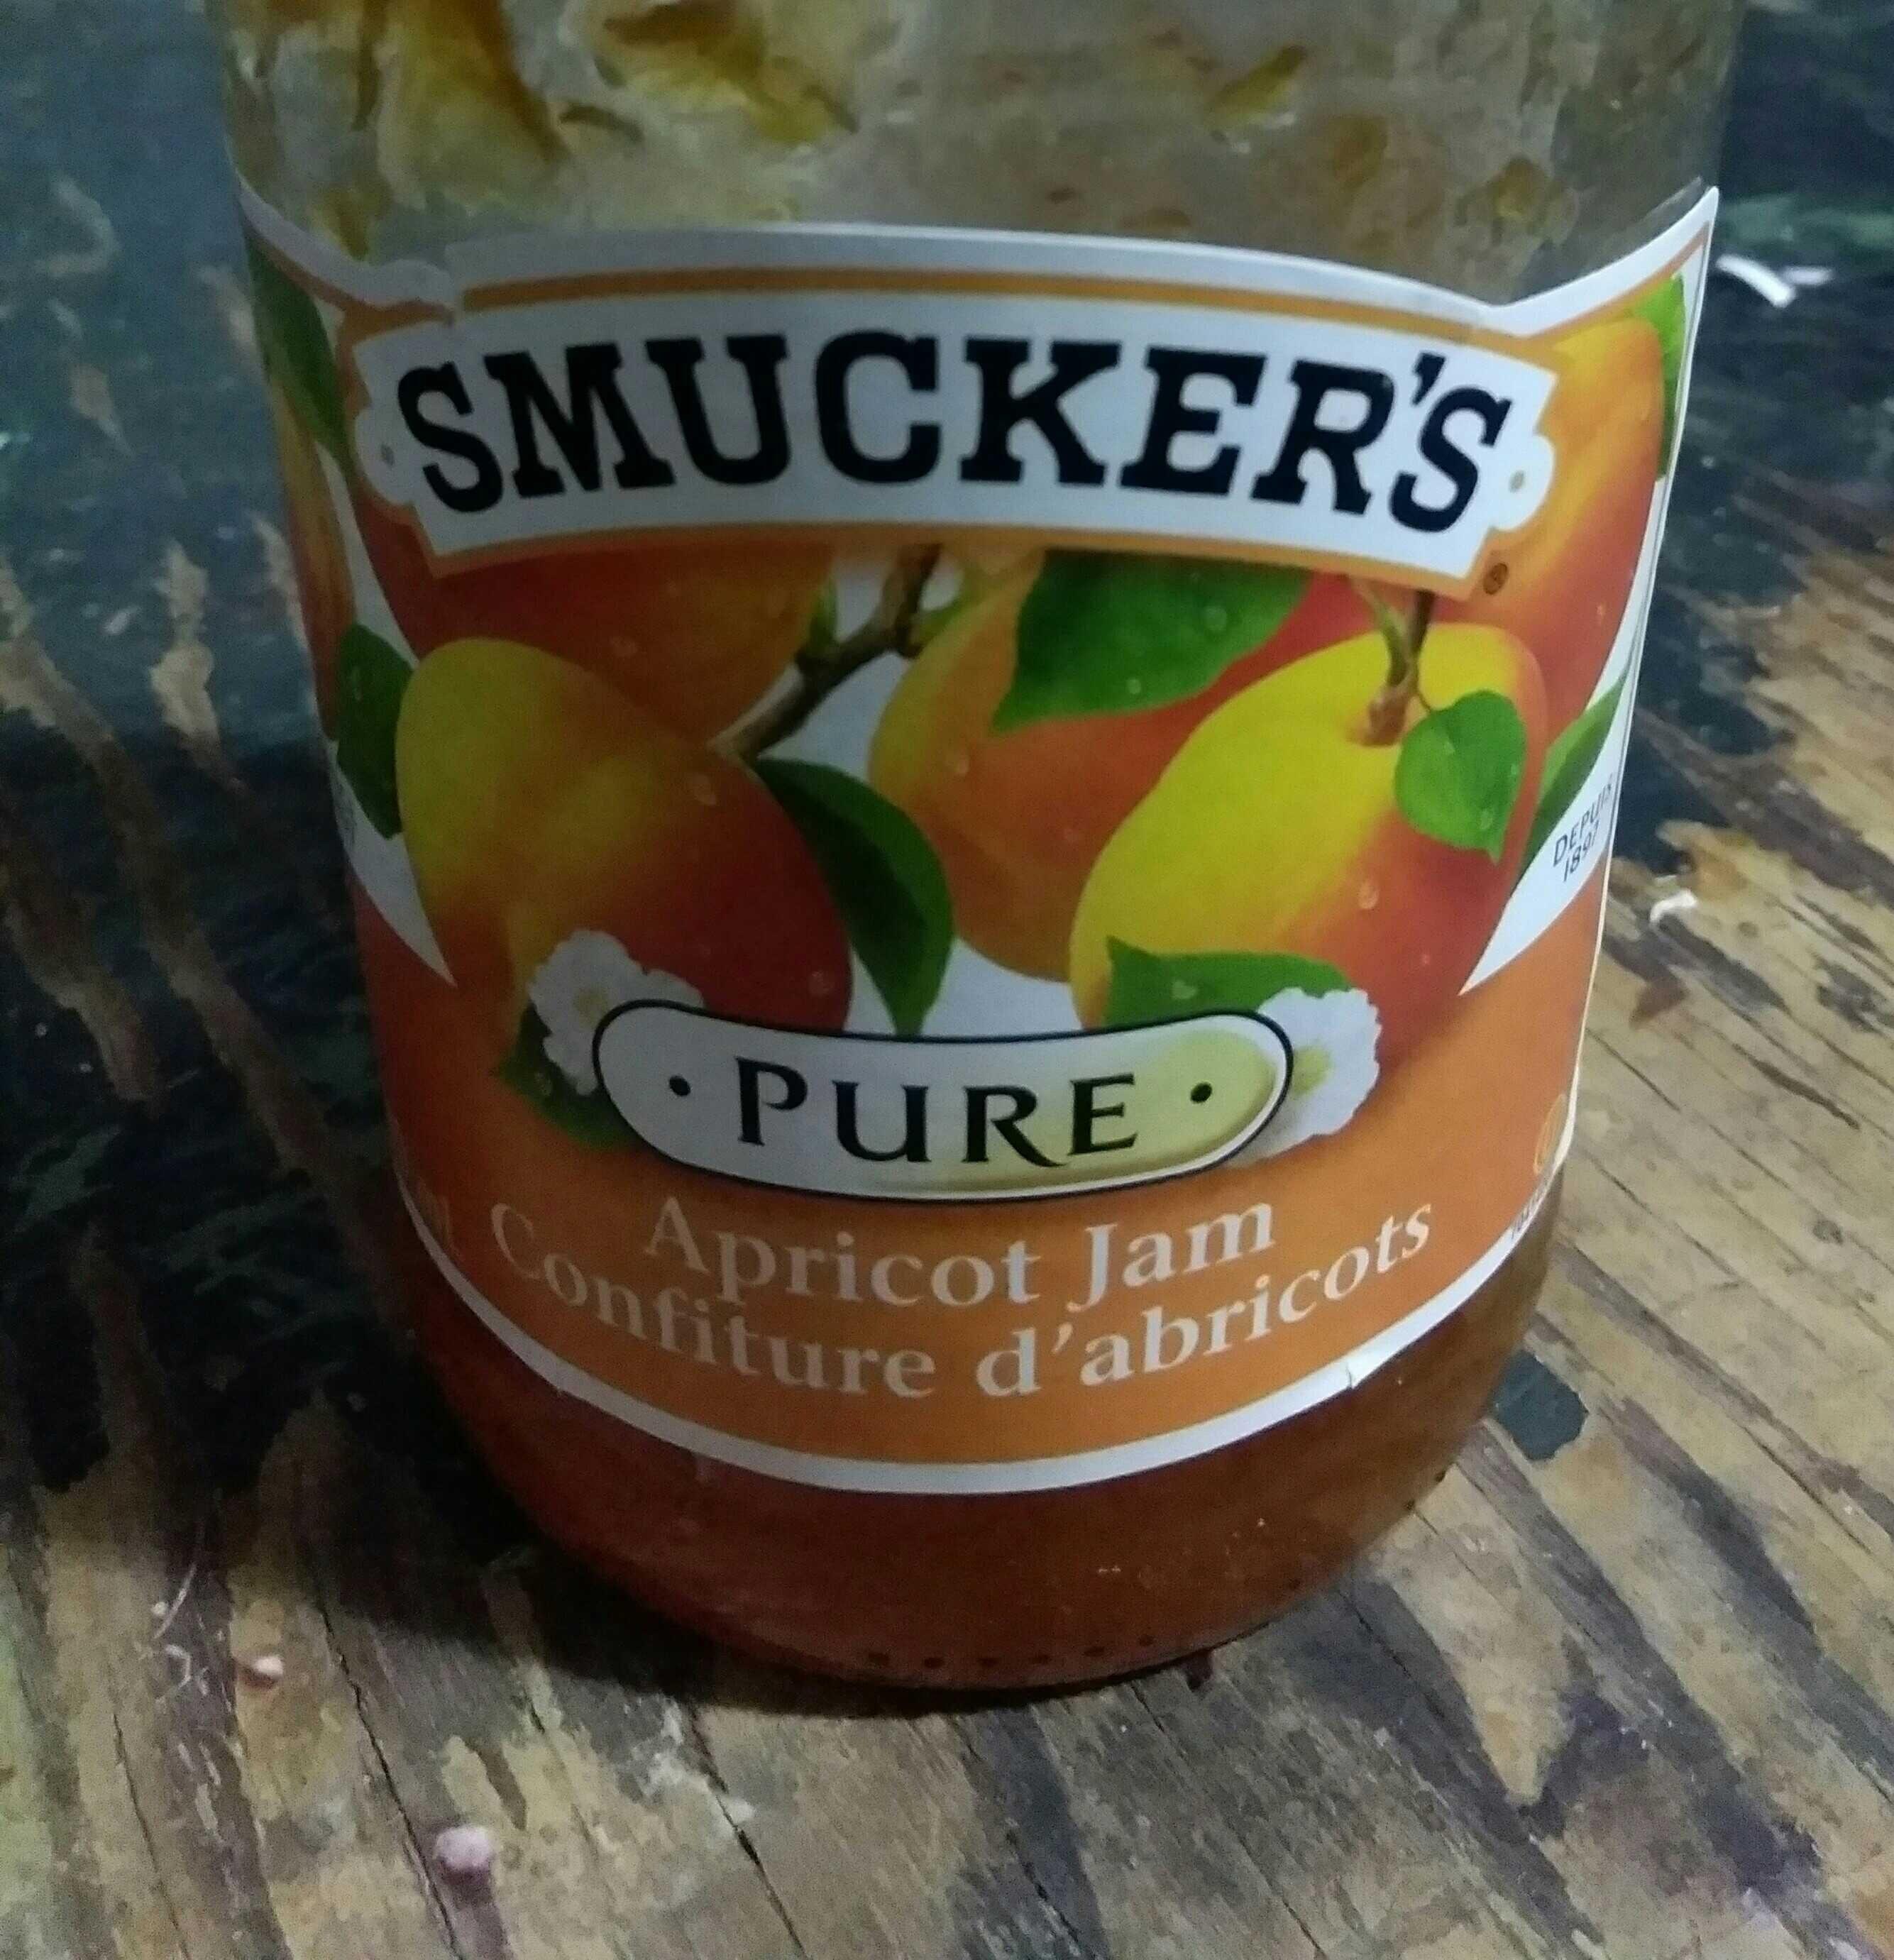 Apricot Jam - Product - en